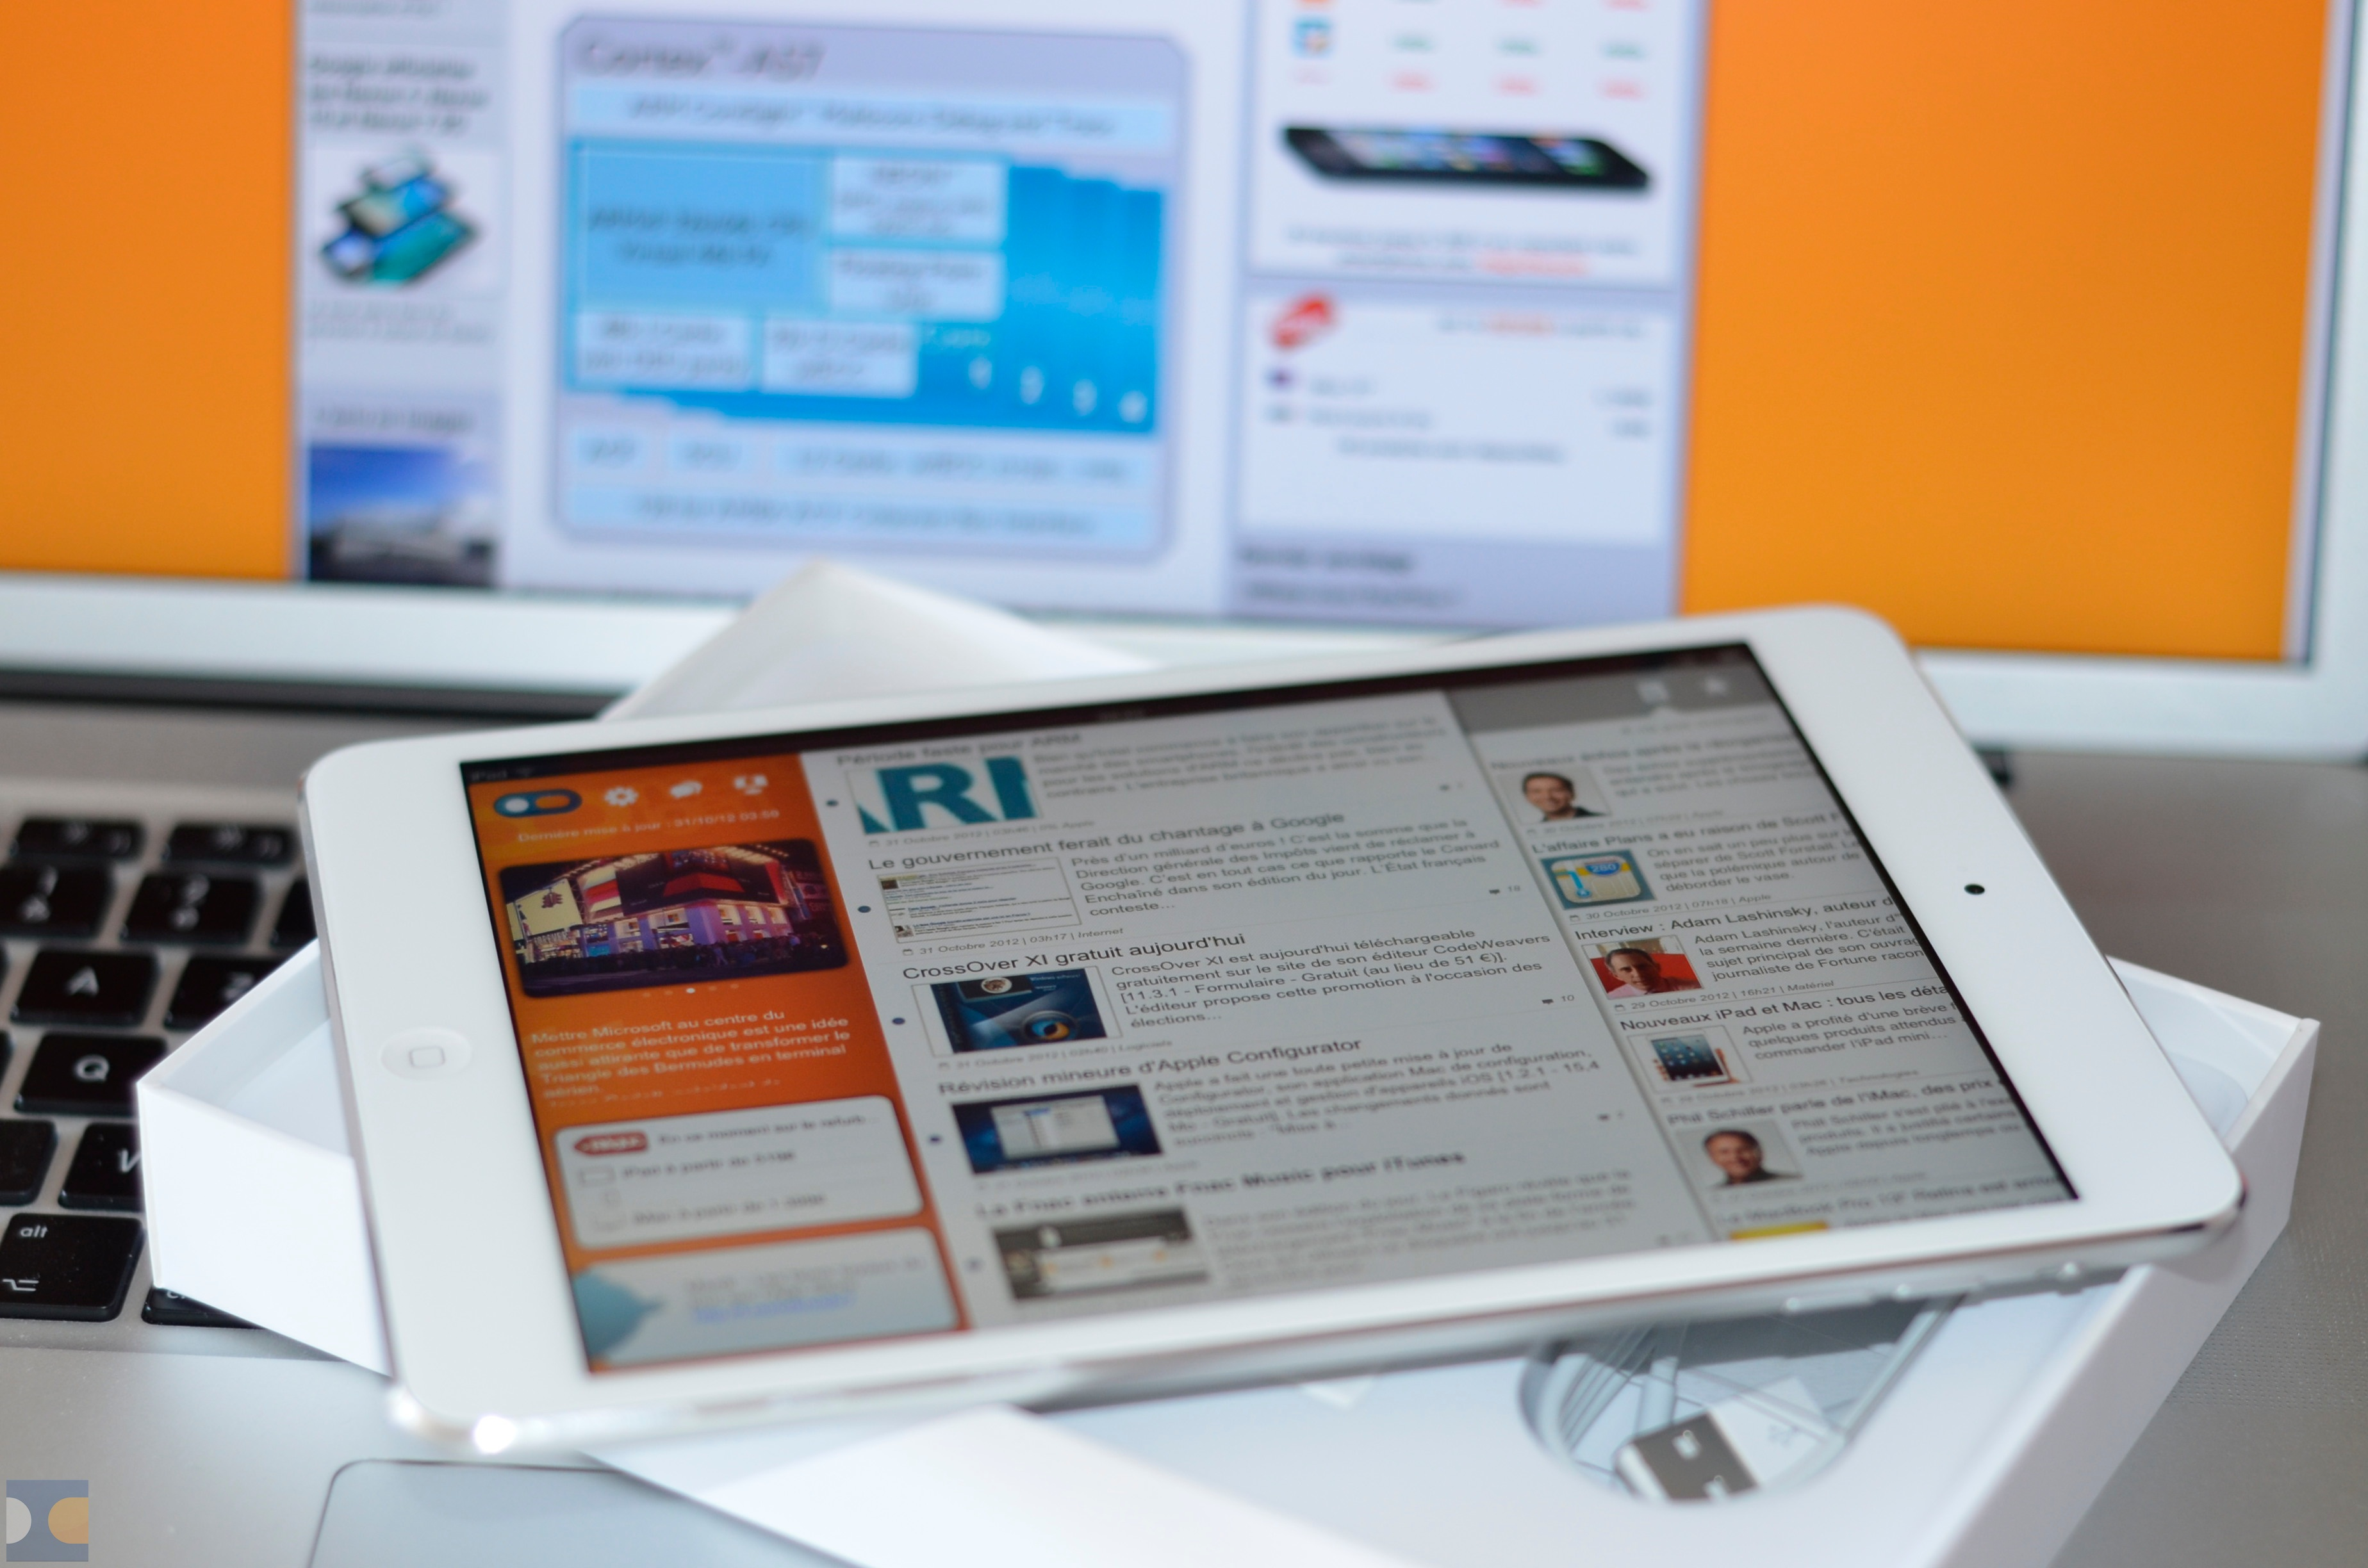 iPad mini unboxing (iGen 004)